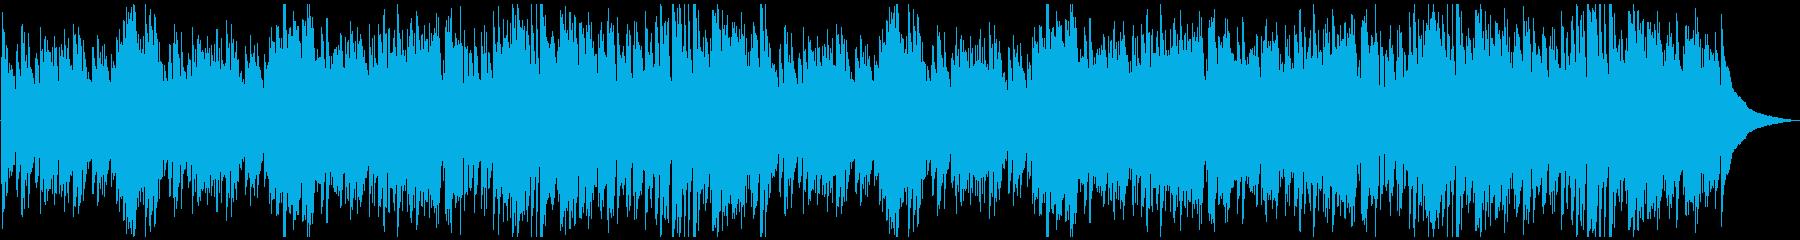 サラサラ ジャズ ゆっくり 魅惑 ピアノの再生済みの波形